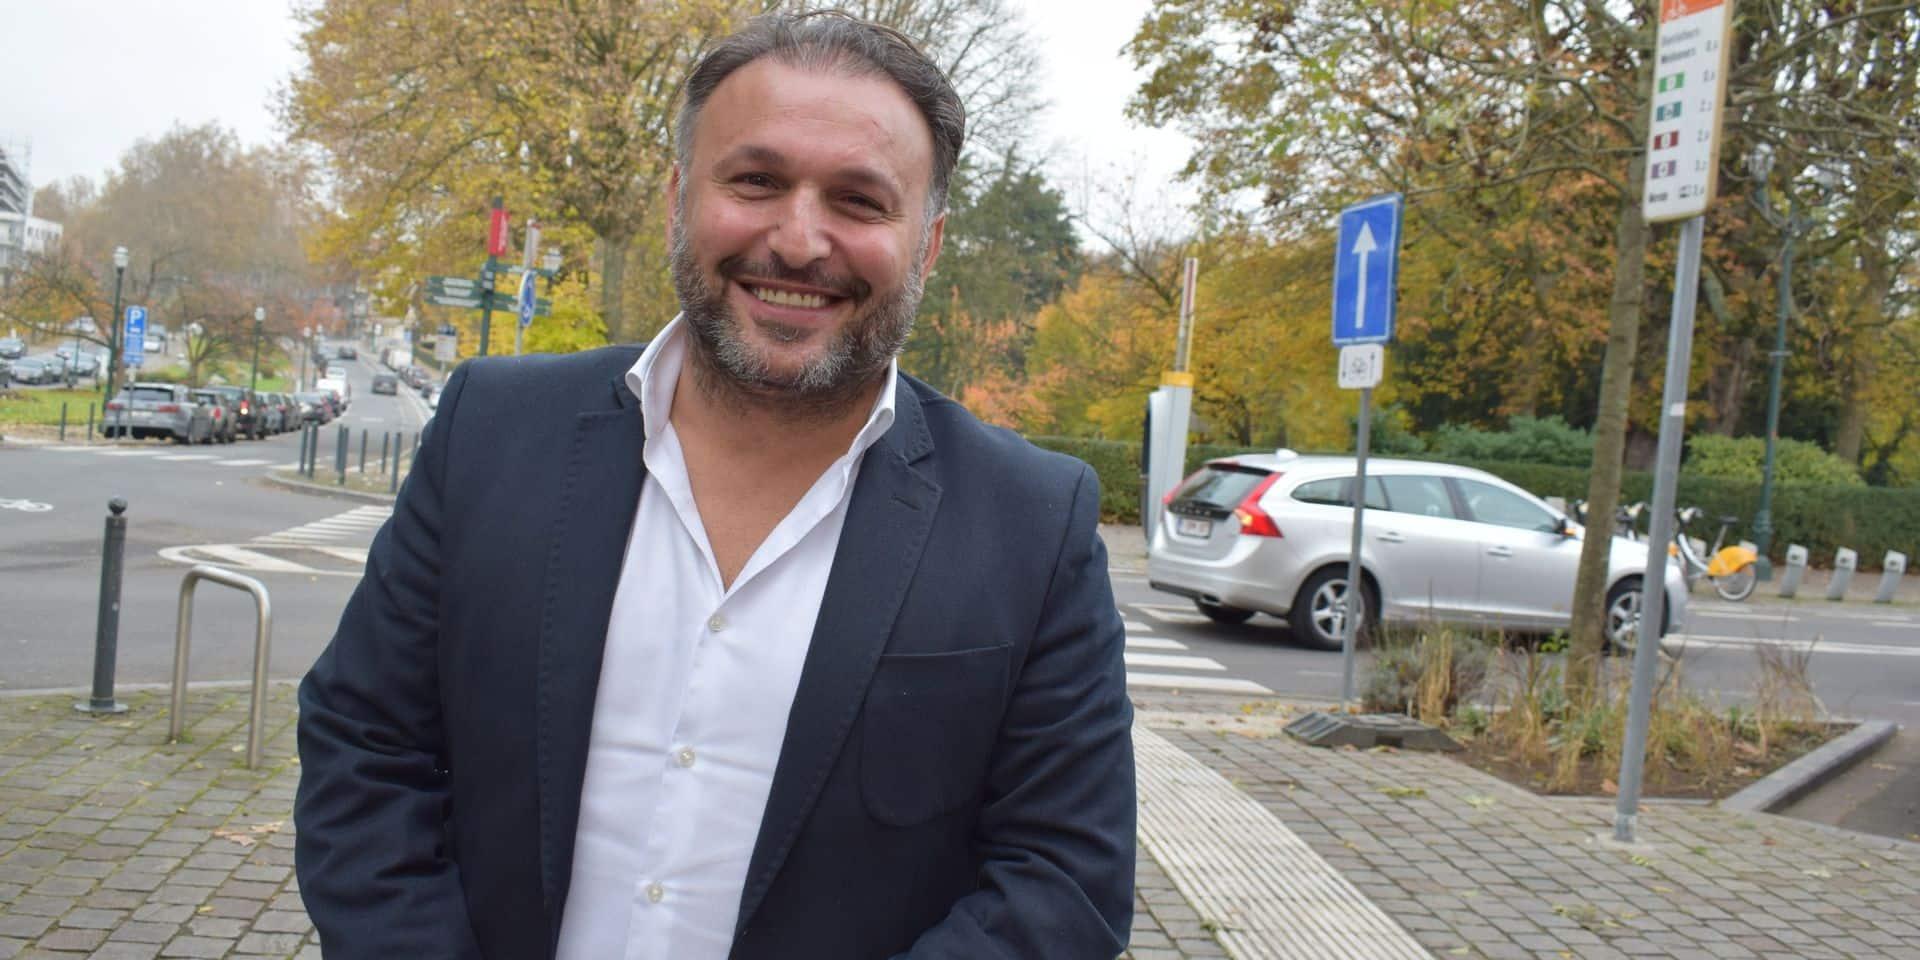 """Erdal Sevik, président d'un club amateur et tenancier: """"Je ne comprends pas cet acharnement envers l'Horeca et le sport"""""""